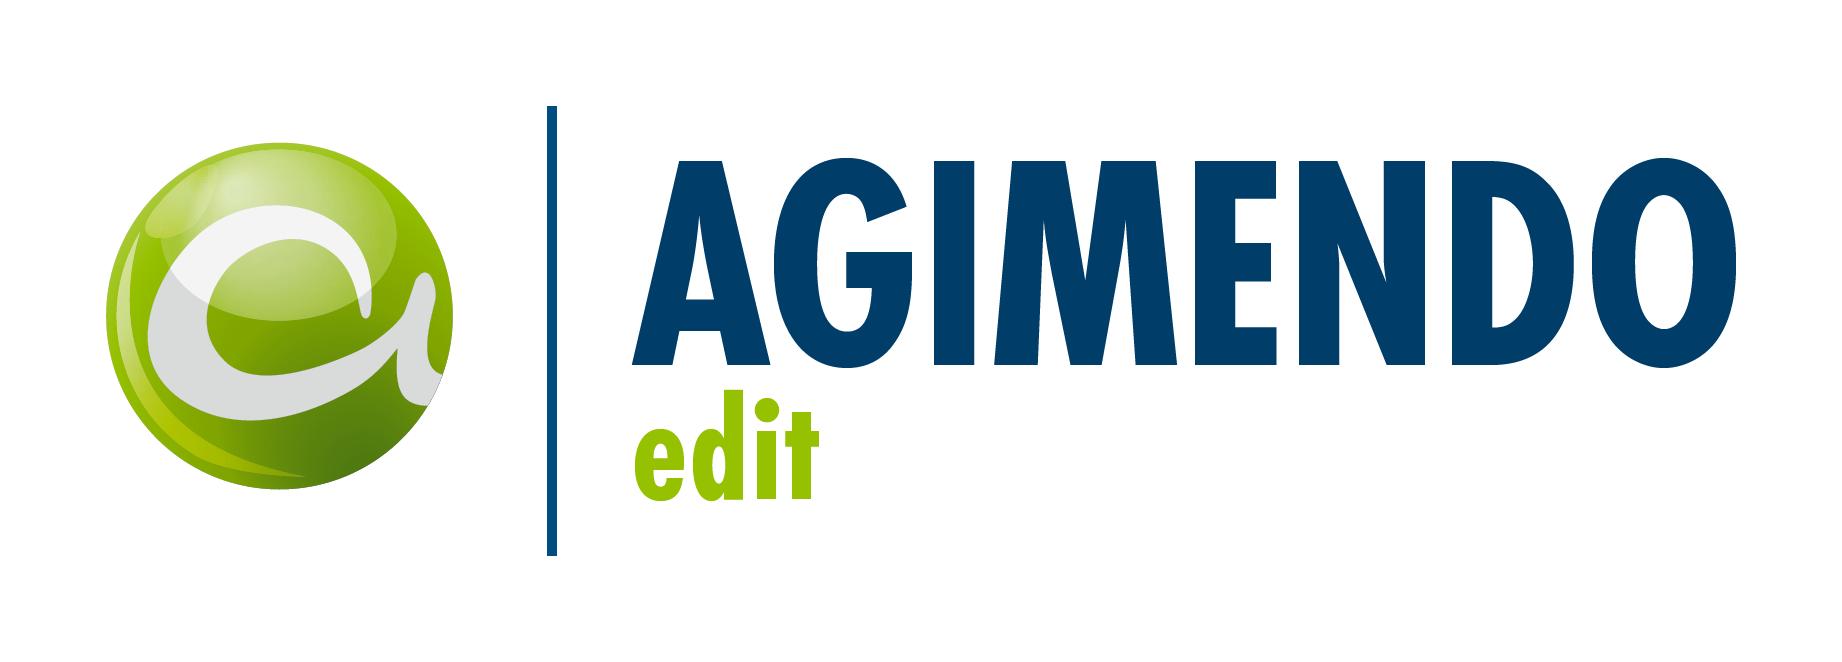 AGIMENDO.edit_small_frame-freigestellt